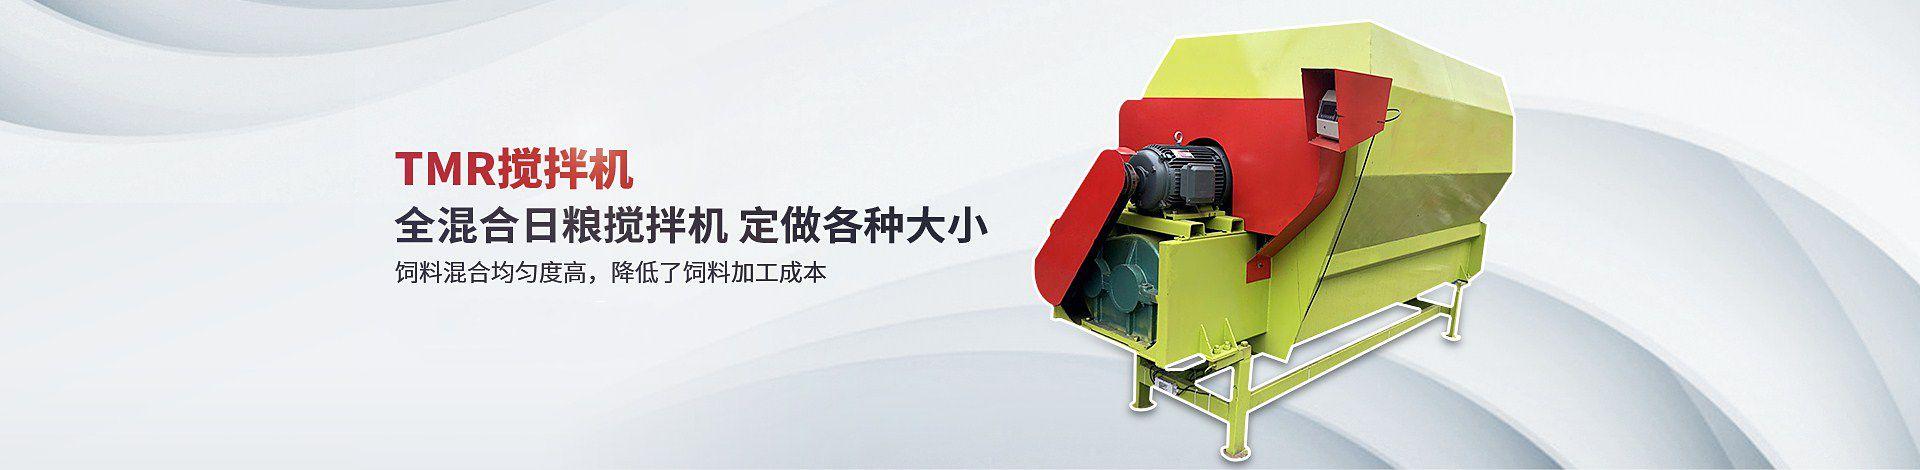 曲阜市润华机械制造有限公司